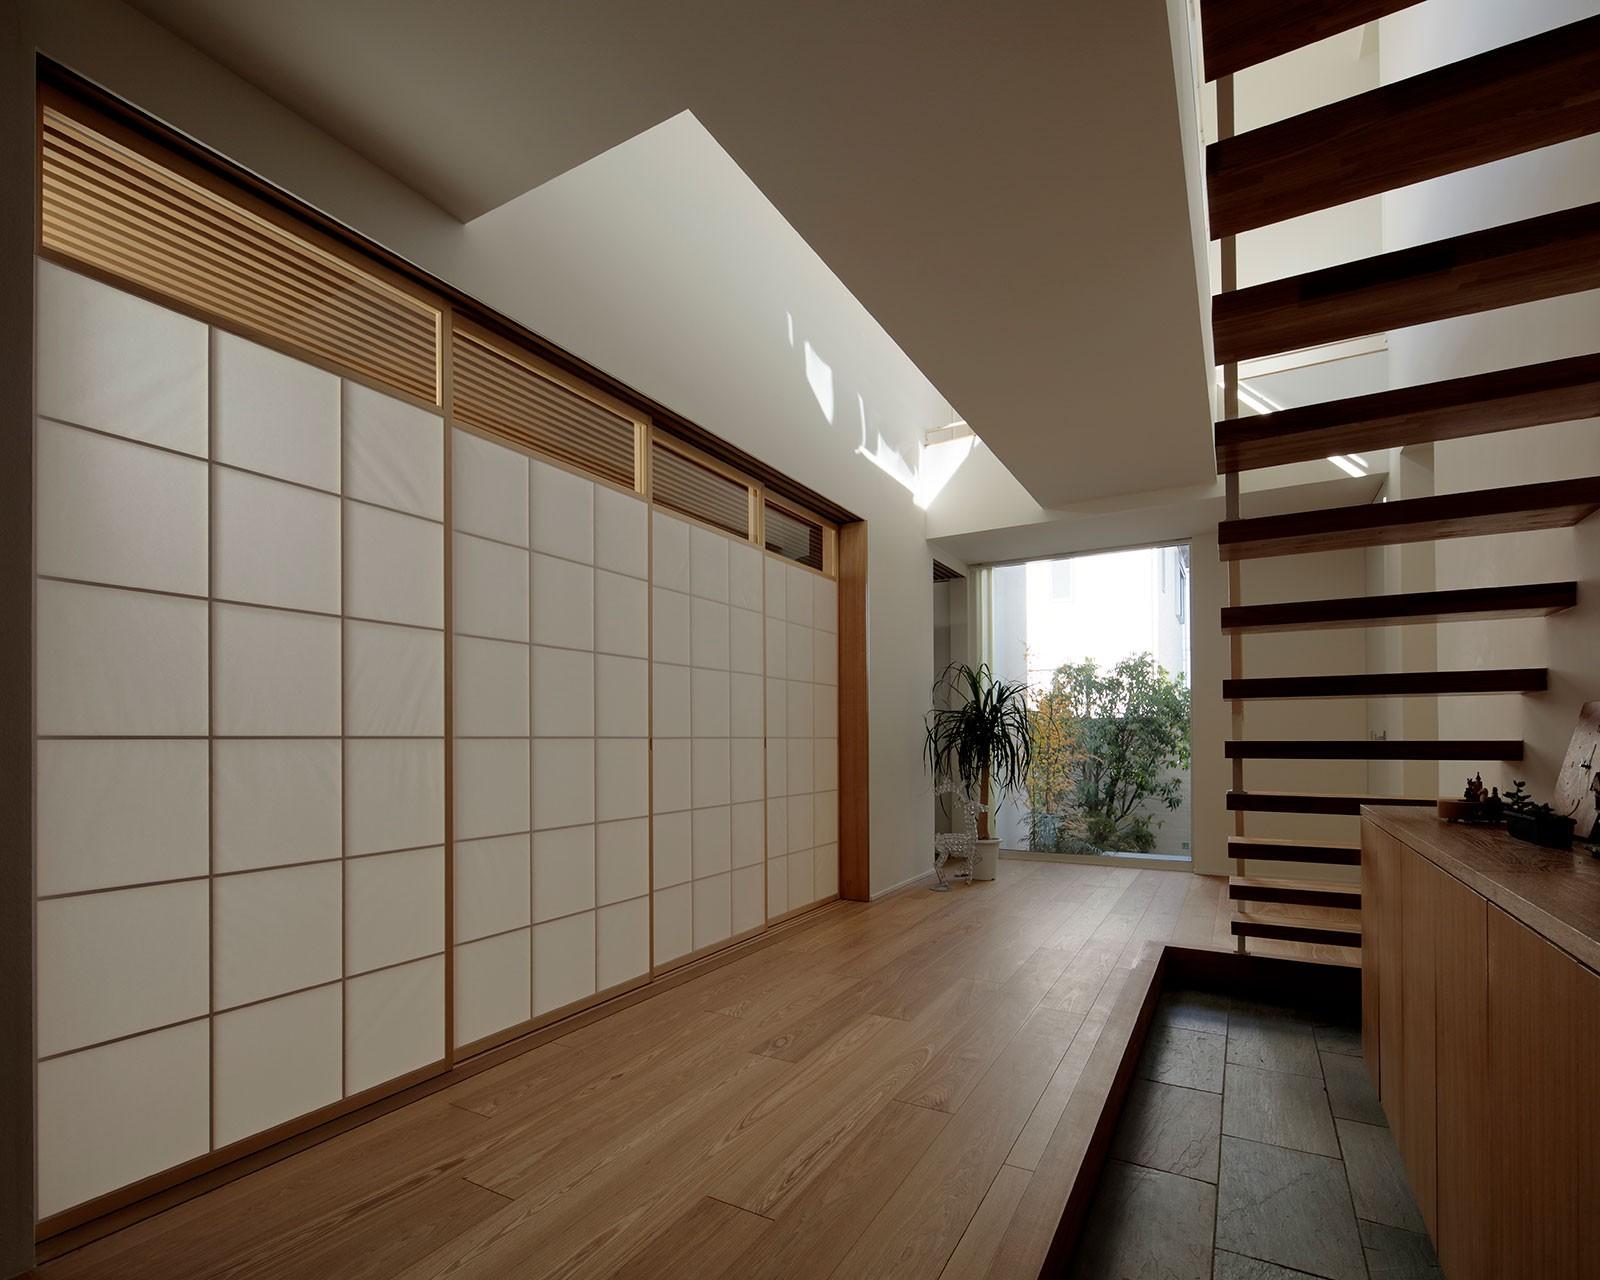 リビングダイニング事例:玄関・LDK・和室(分節と連続の家)